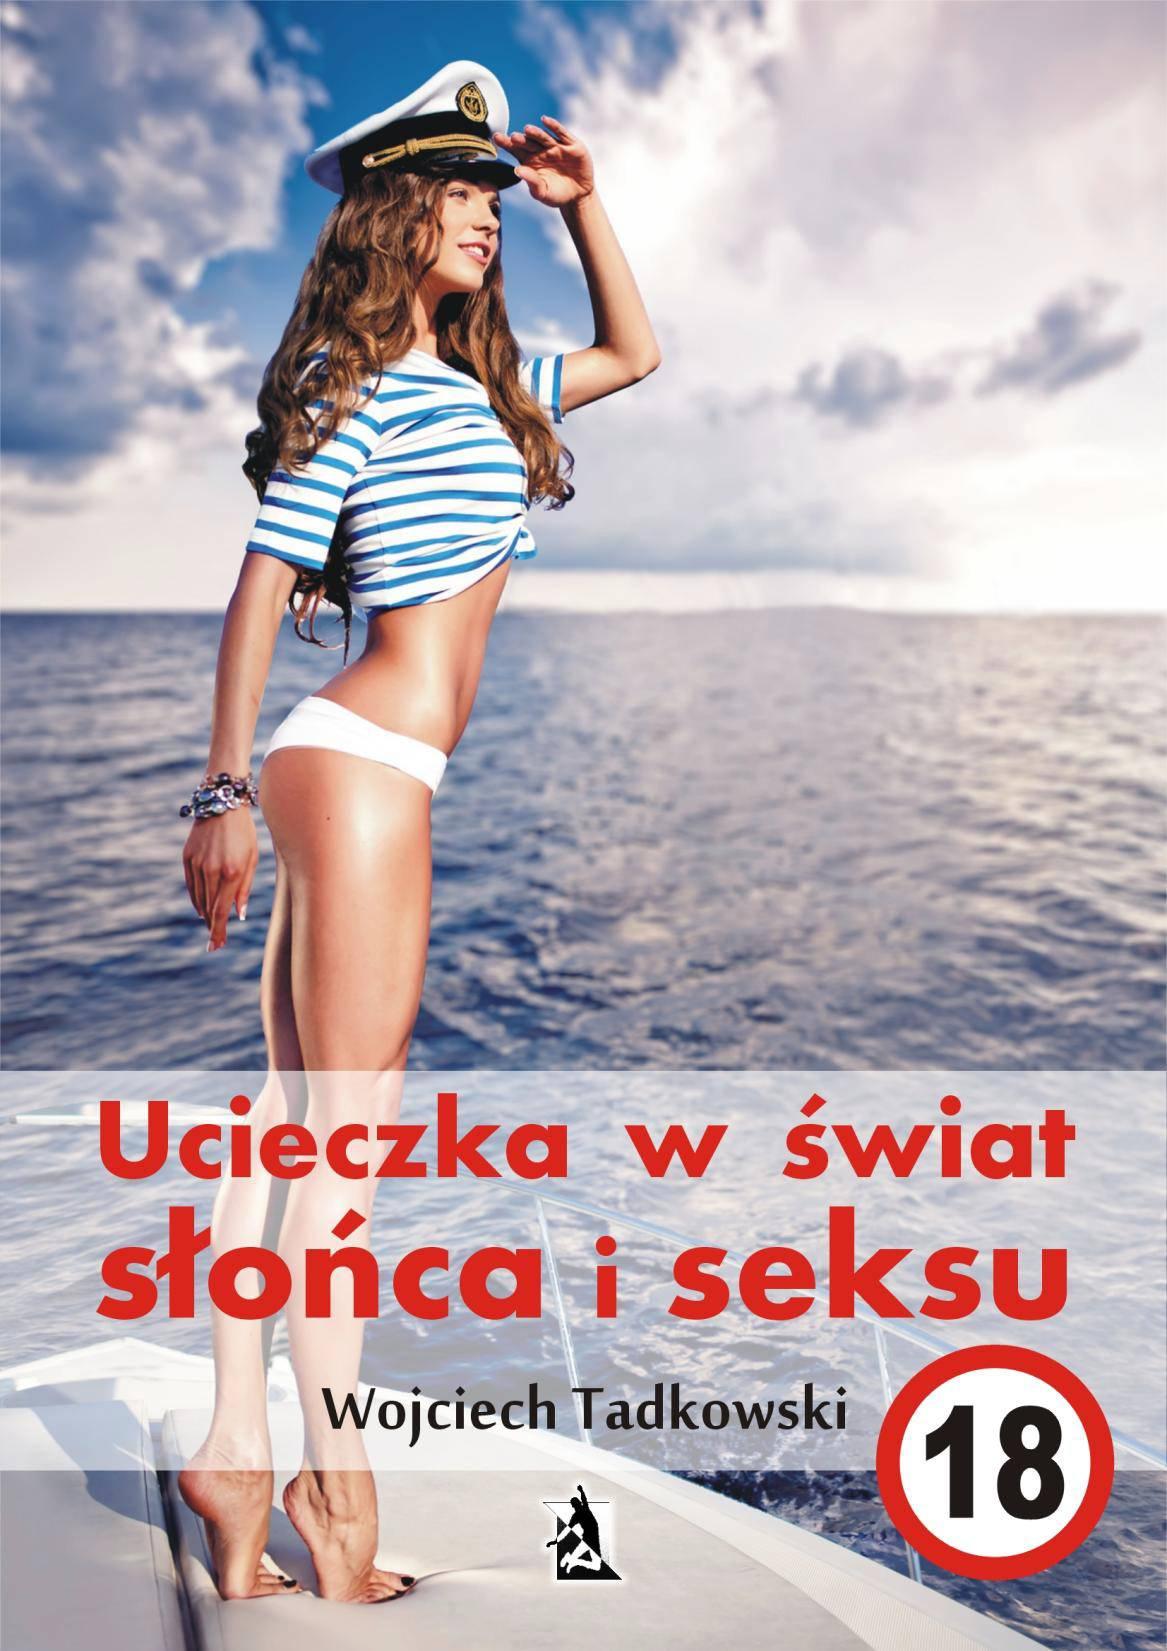 Ucieczka w świat słońca i seksu - Ebook (Książka na Kindle) do pobrania w formacie MOBI